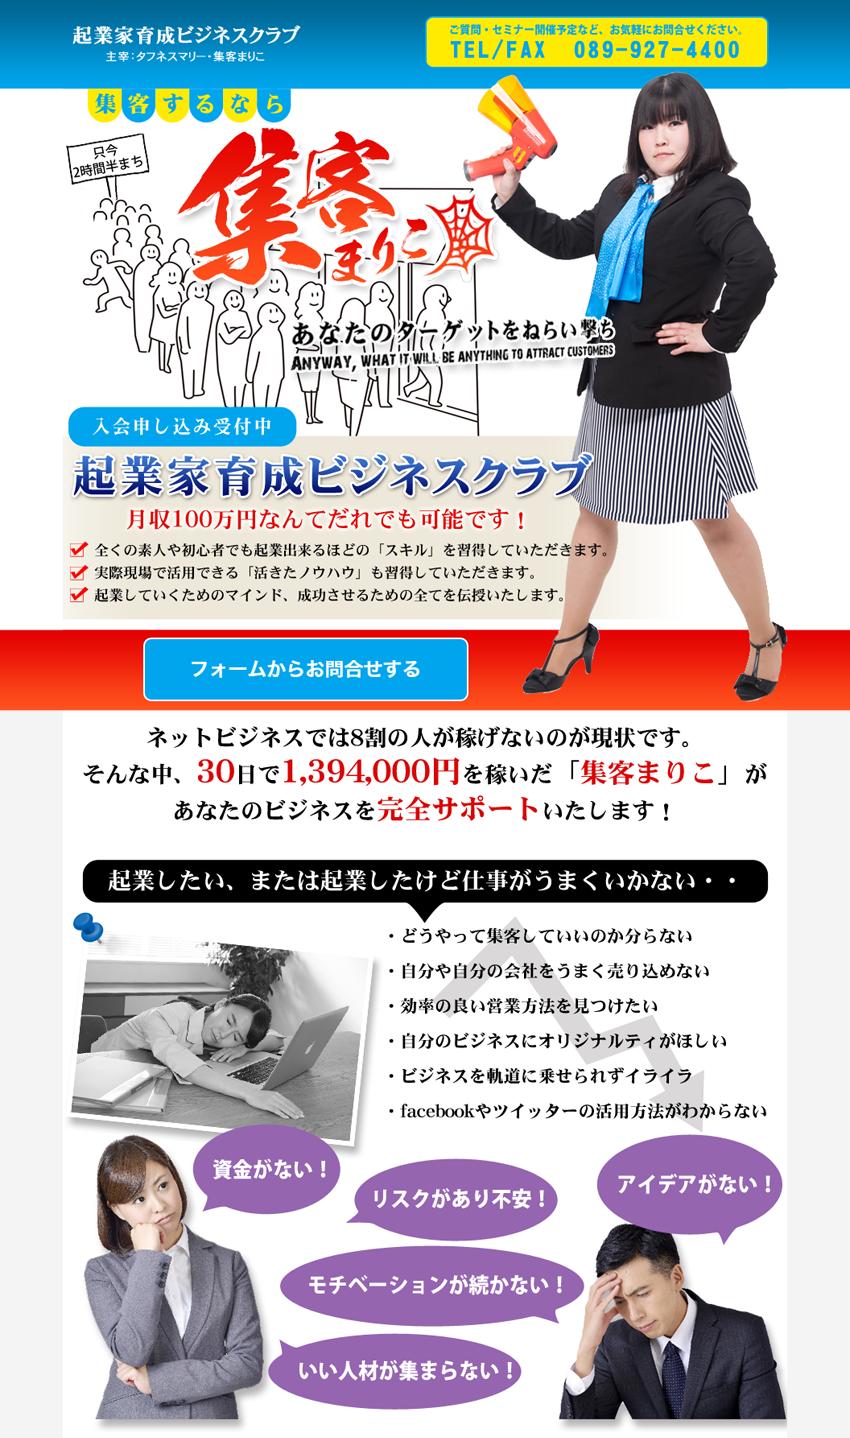 集客まりこ起業家育成ビジネスクラブLP